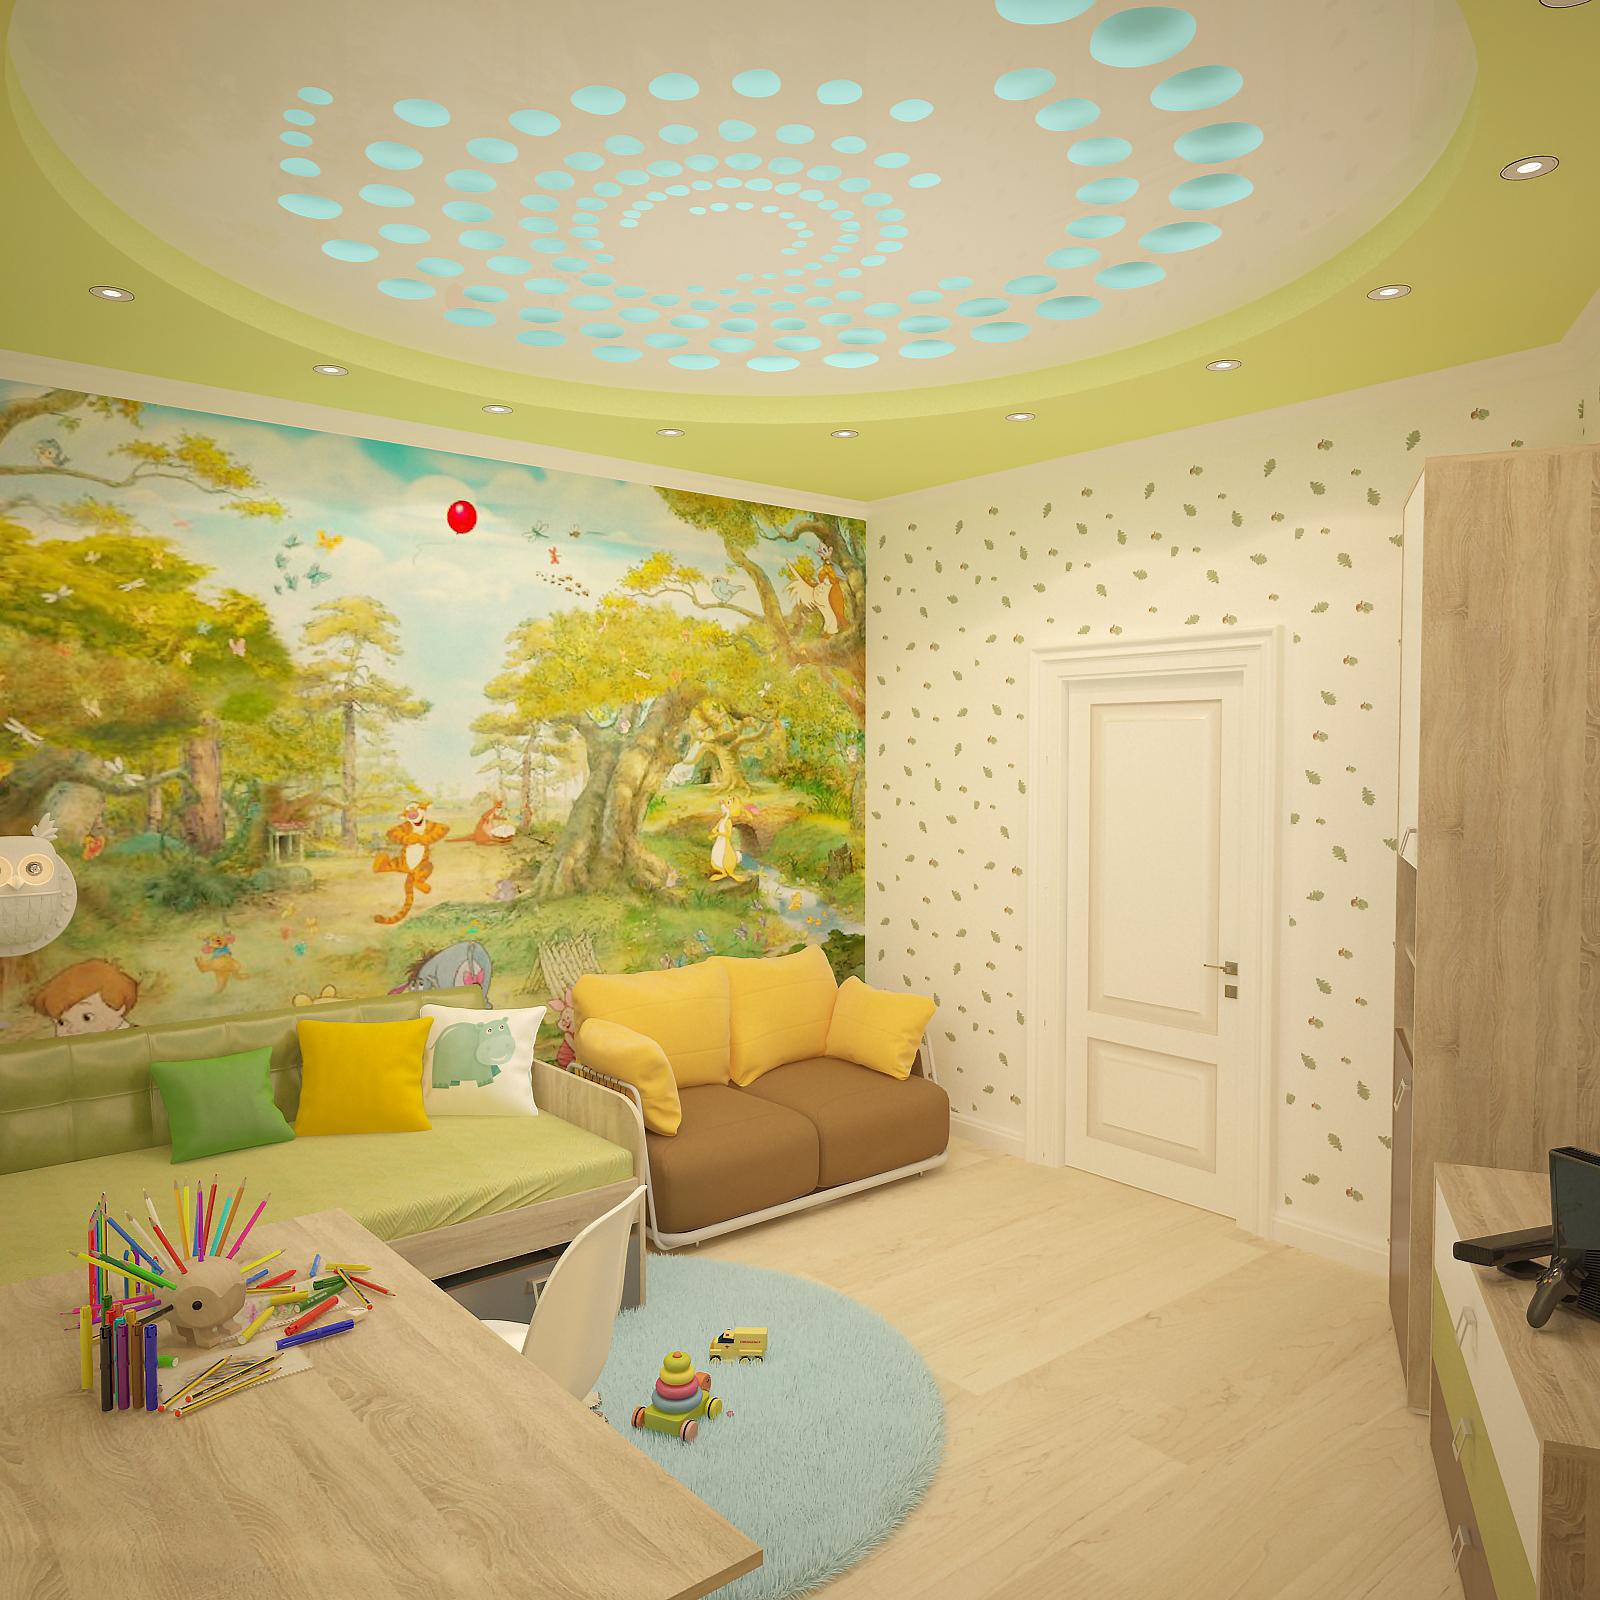 Четырехкомнатная квартира в Рябеево 3 Рис. 8